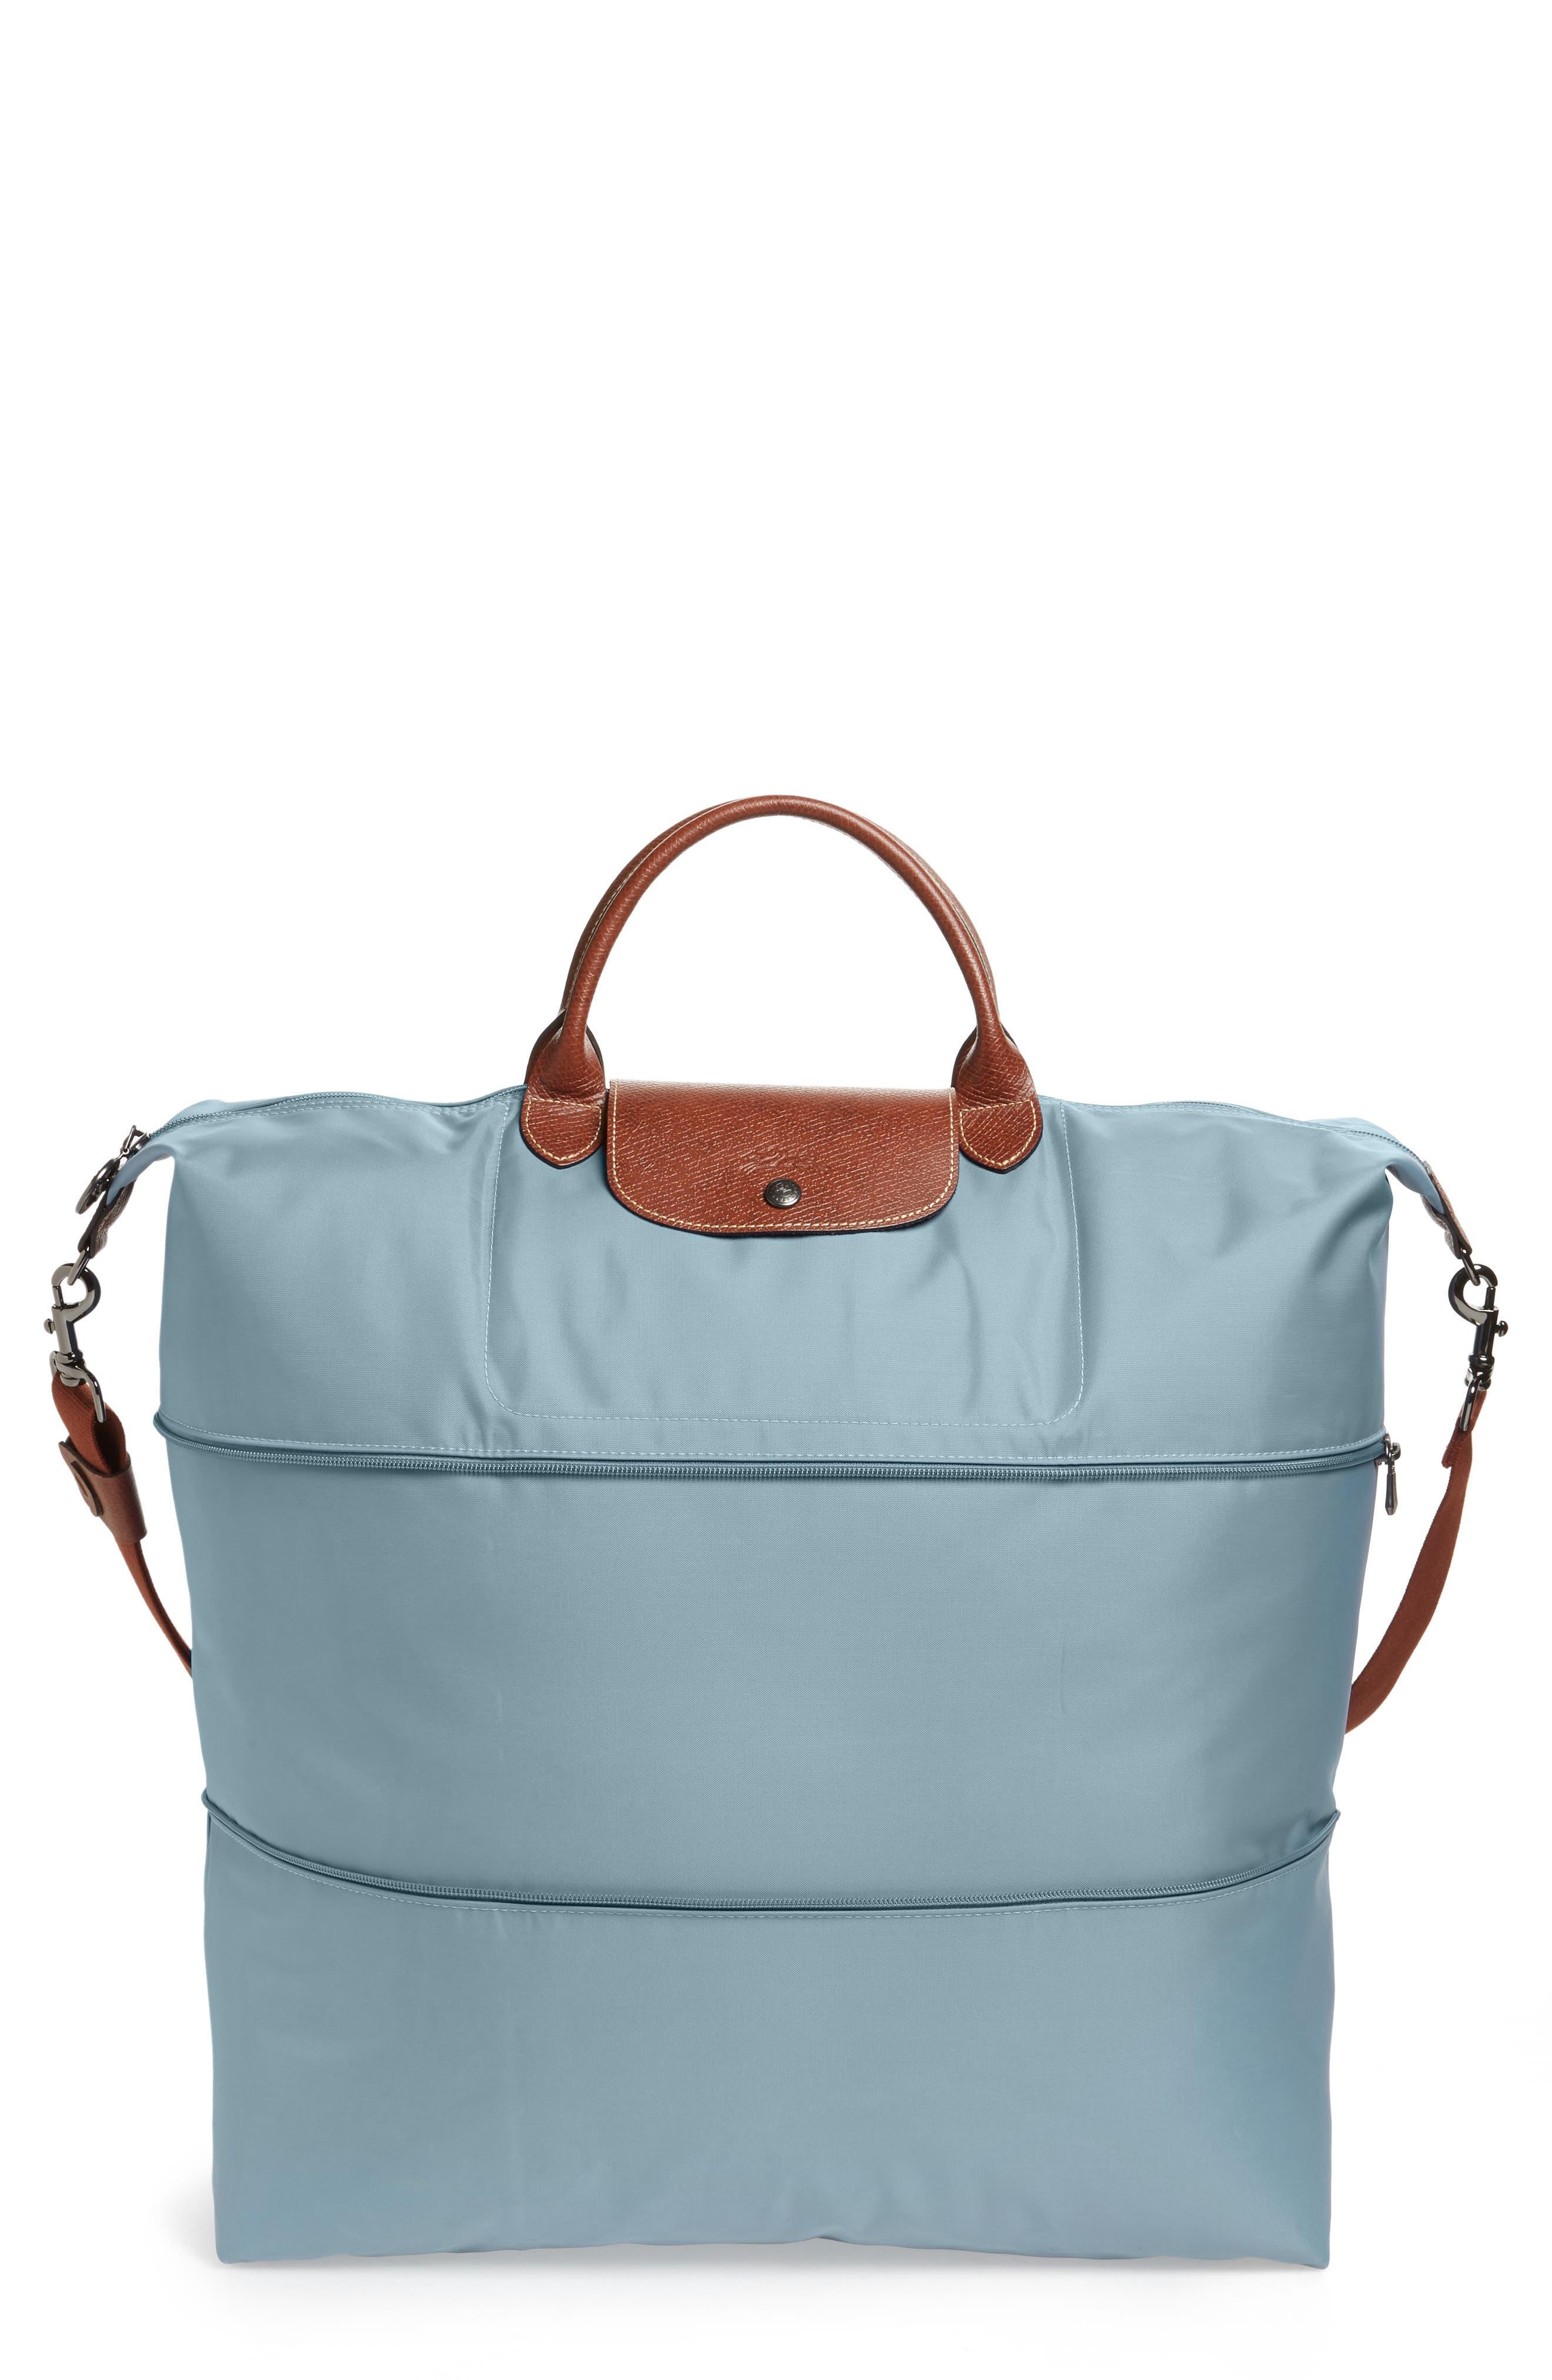 Le Pliage 21-Inch Expandable Travel Bag,                             Main thumbnail 1, color,                             ARTICO